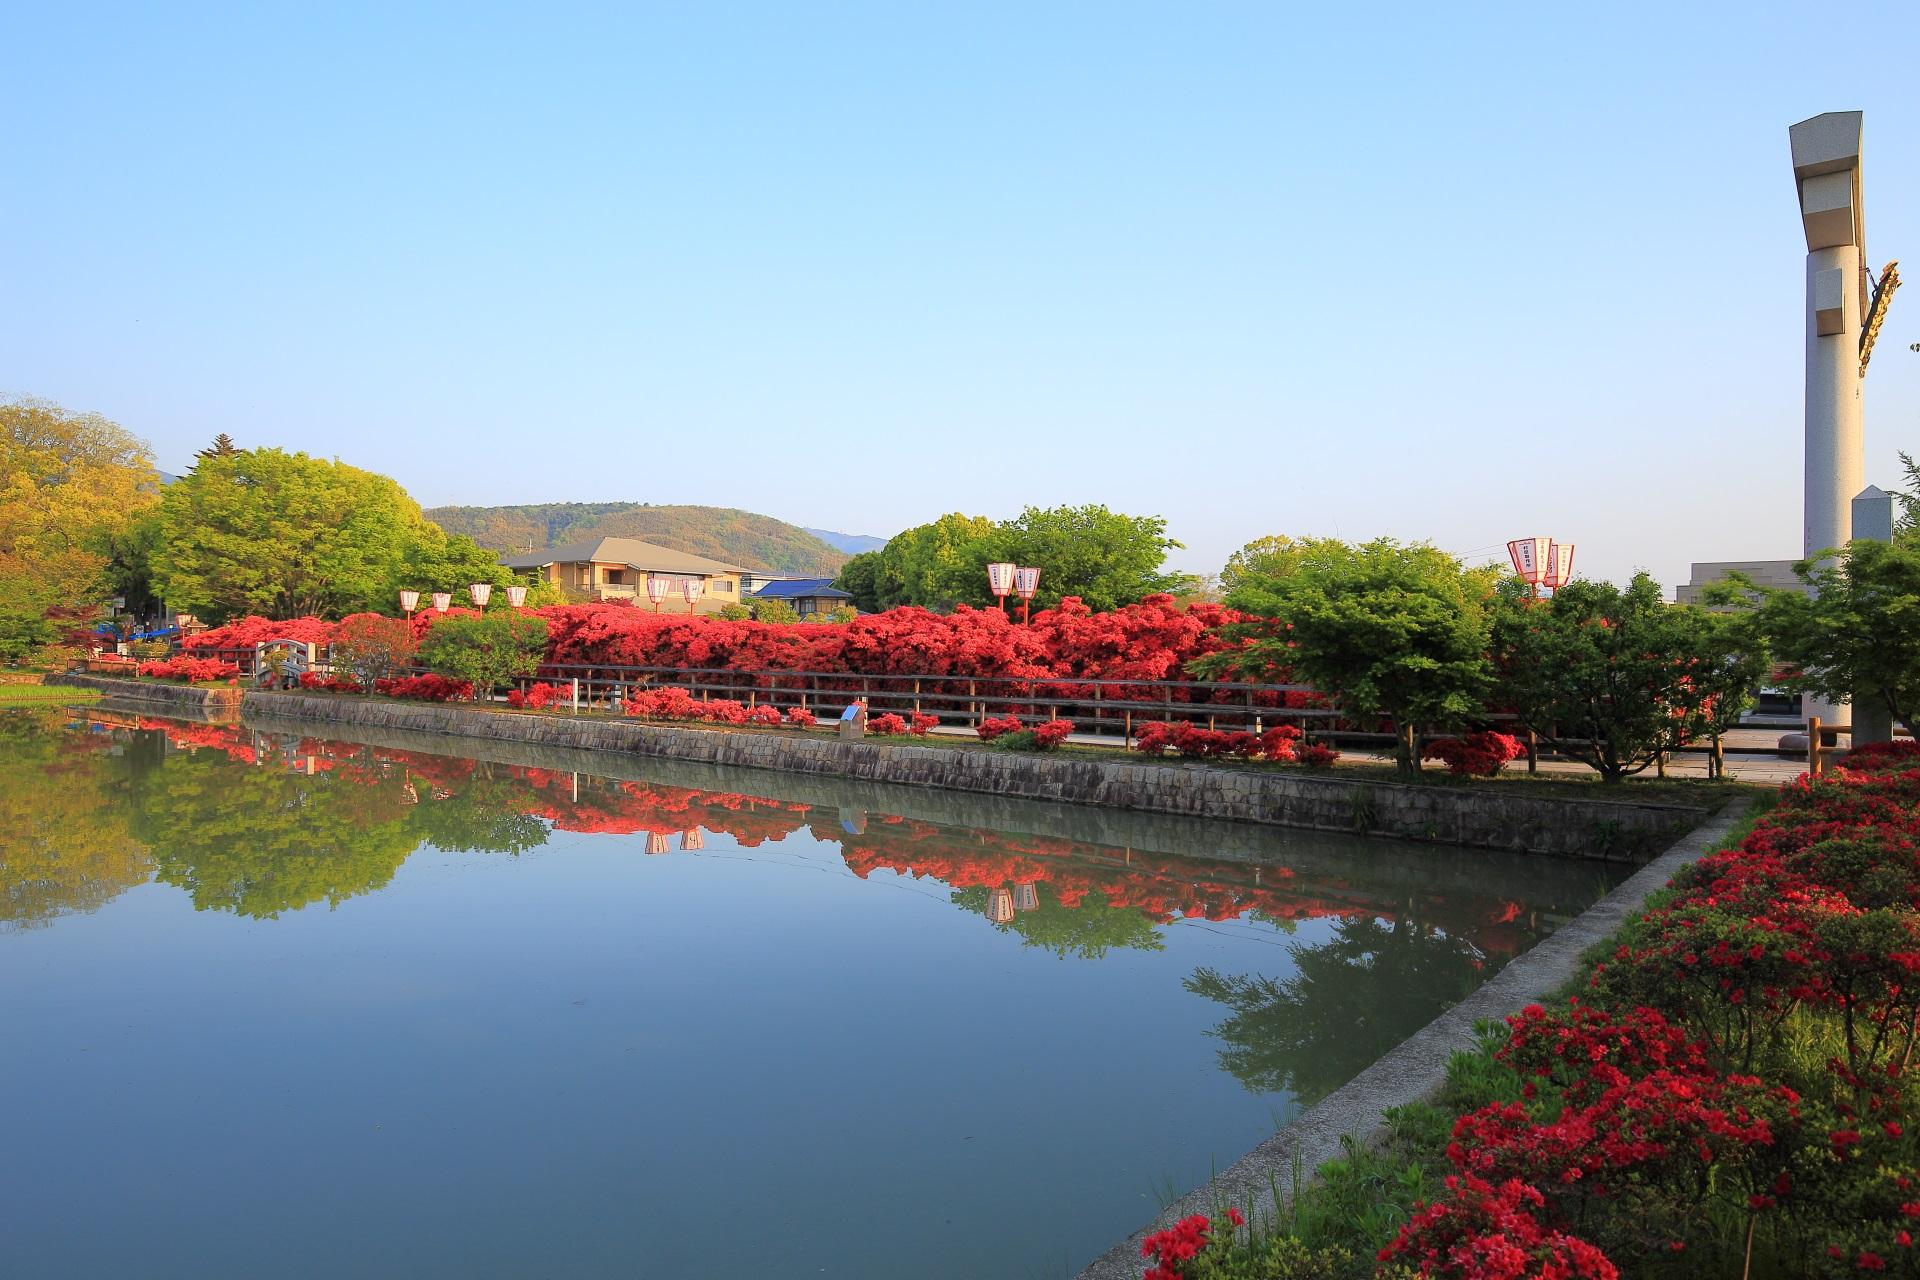 長岡天満宮の八条が池の南側のキリシマツツジと大鳥居